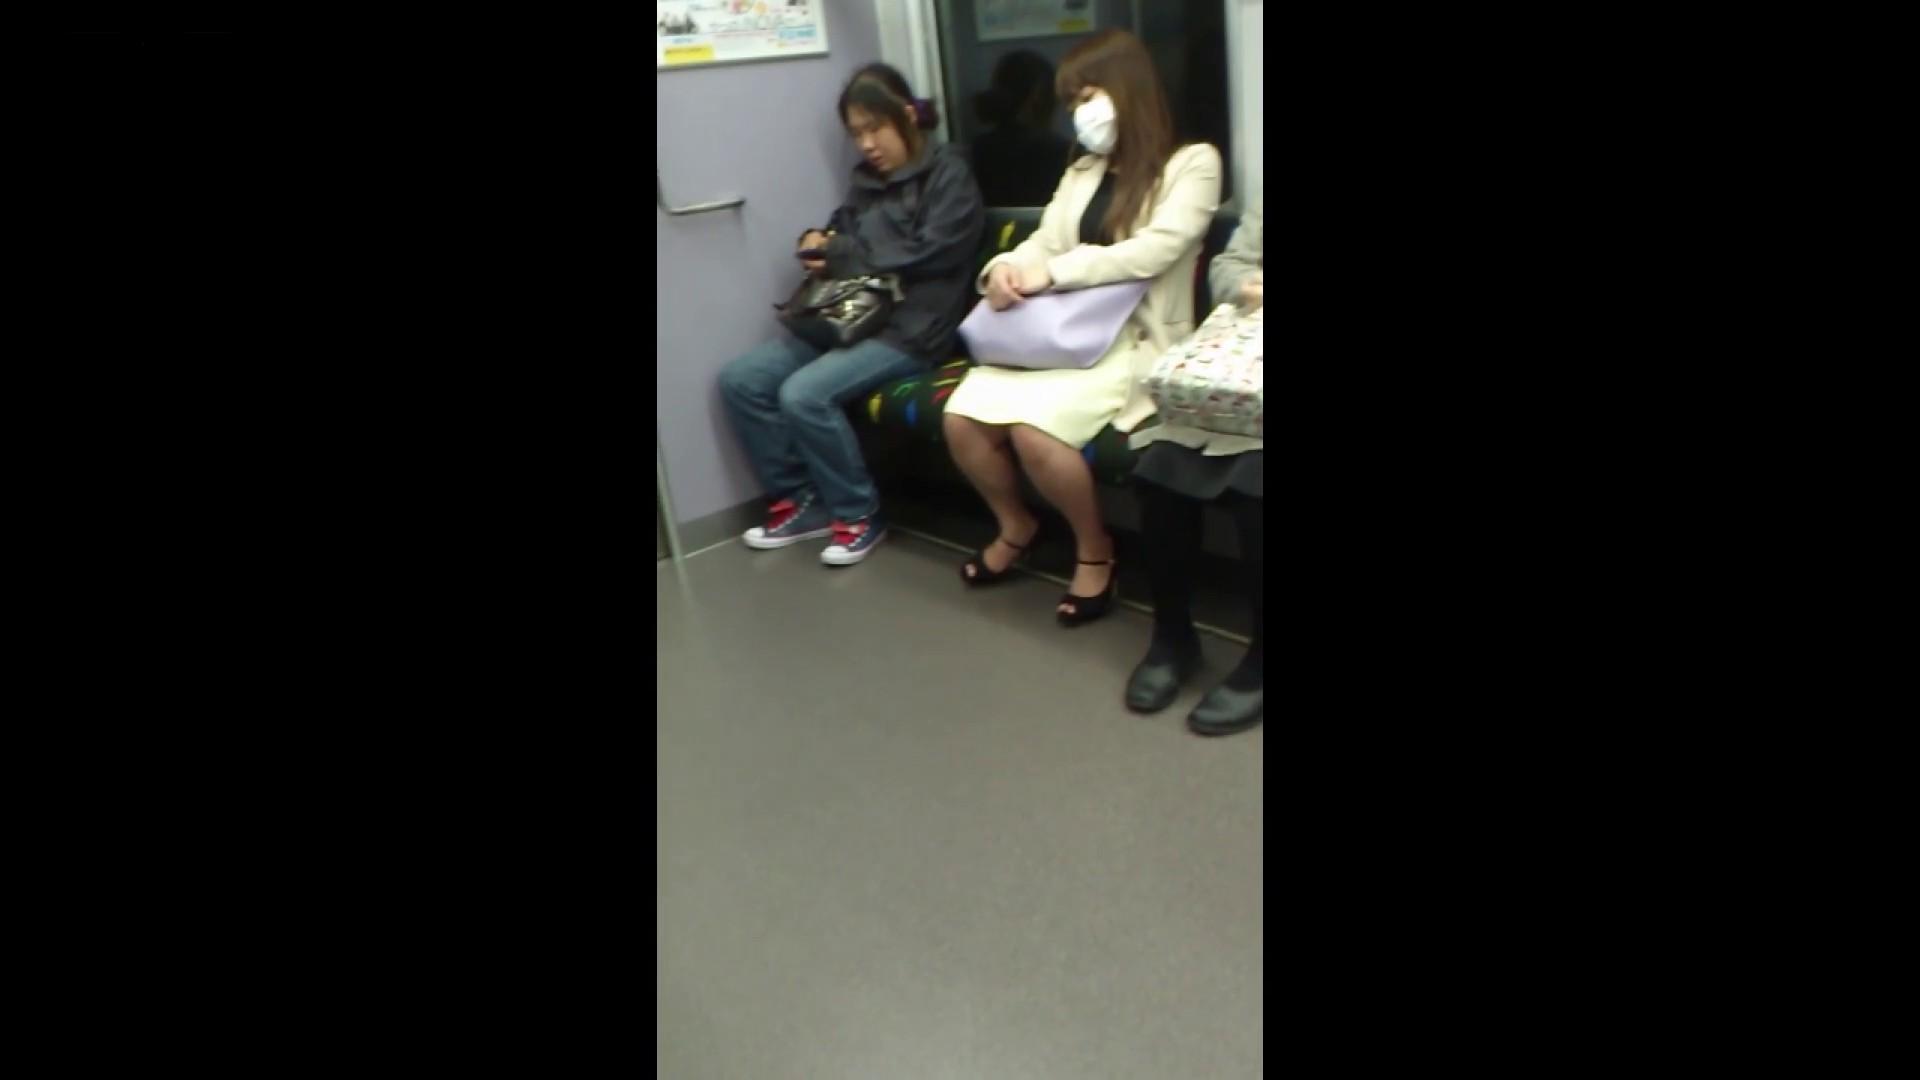 盗撮列車 Vol.55 黄色の爽やかなスカートが大好きです。 むっちり体型 オマンコ無修正動画無料 53画像 40